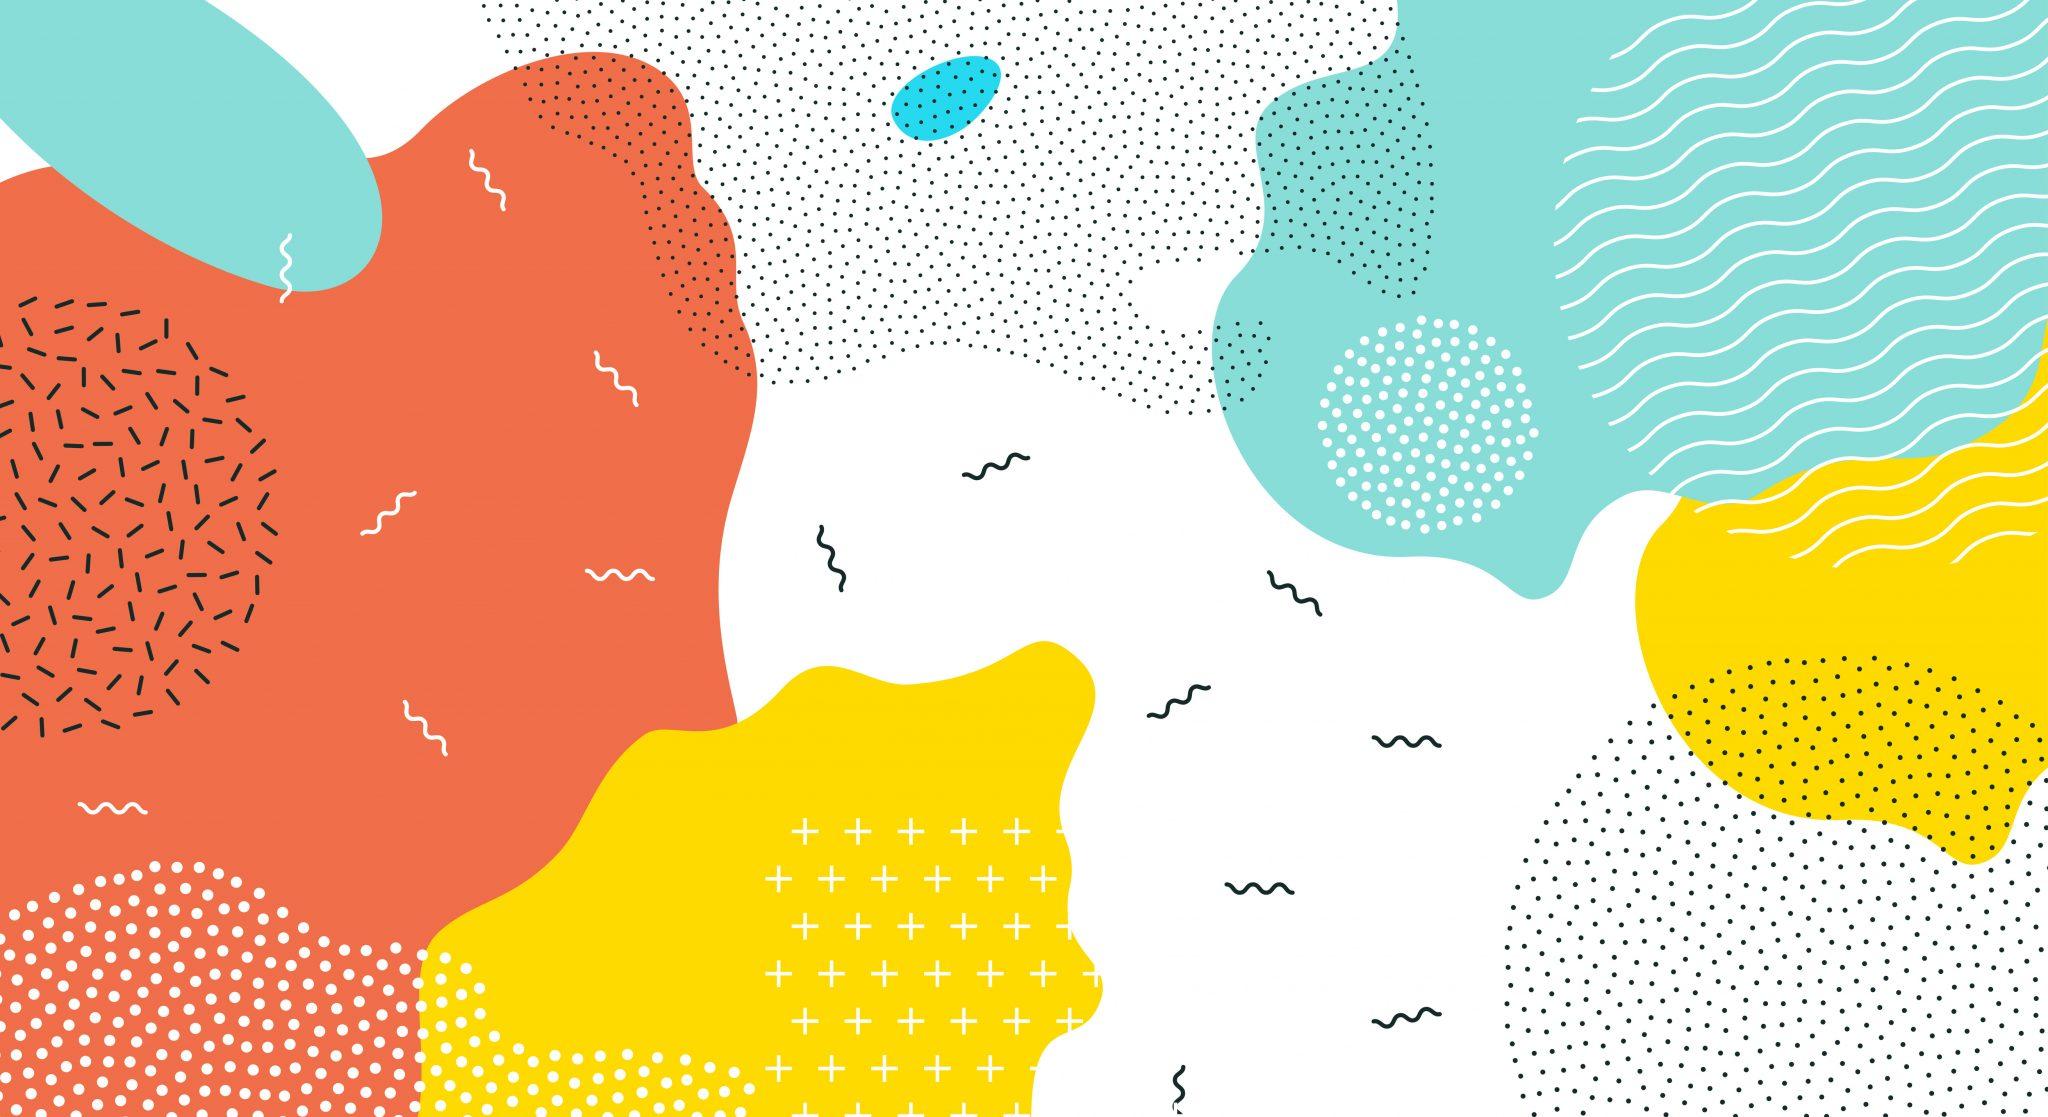 Plusieurs motifs se combinent pour former une seule œuvre d'art.